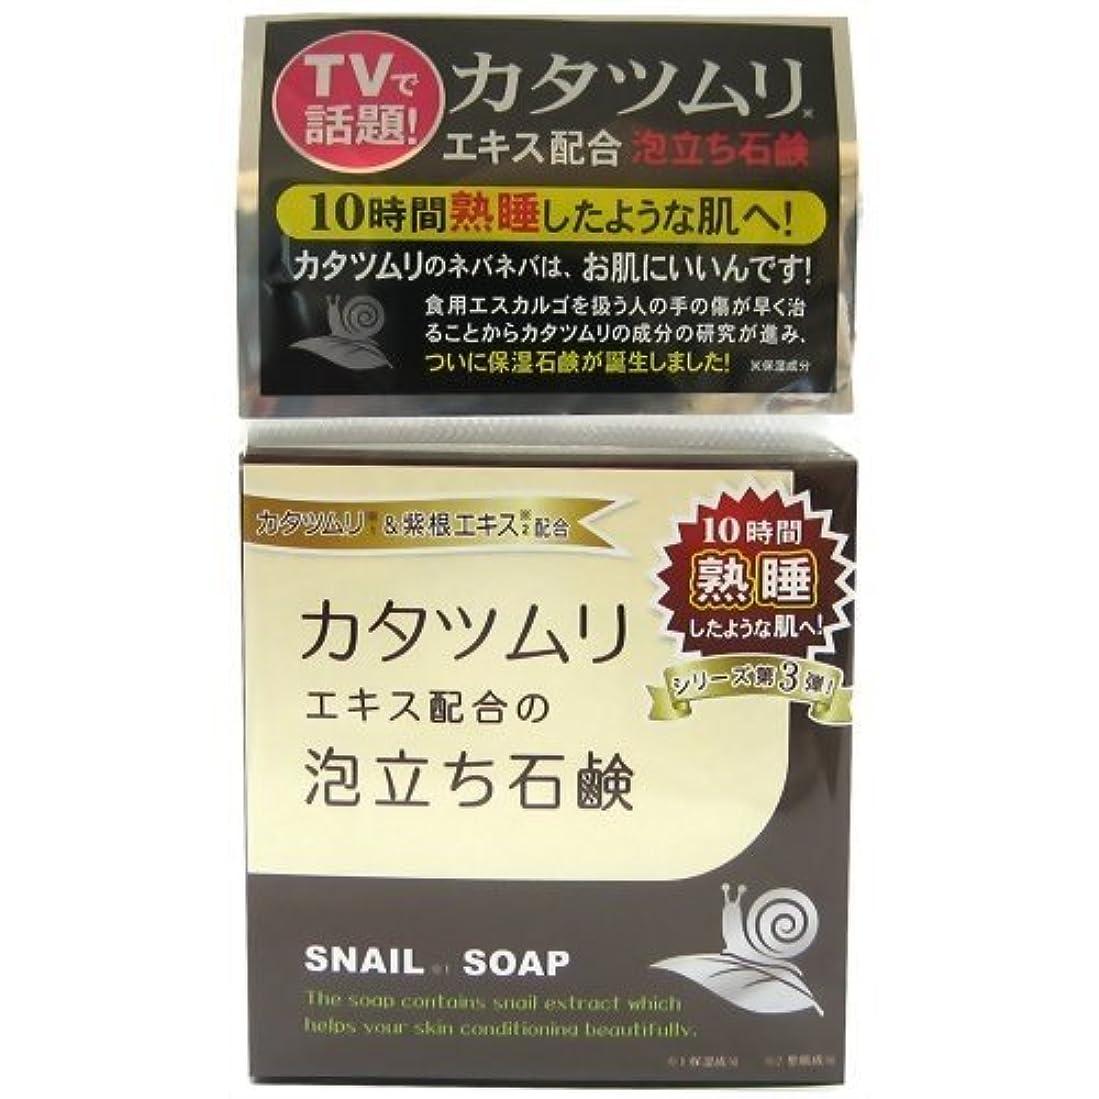 フォーマルテナント一般的なカタツムリ石鹸 100g